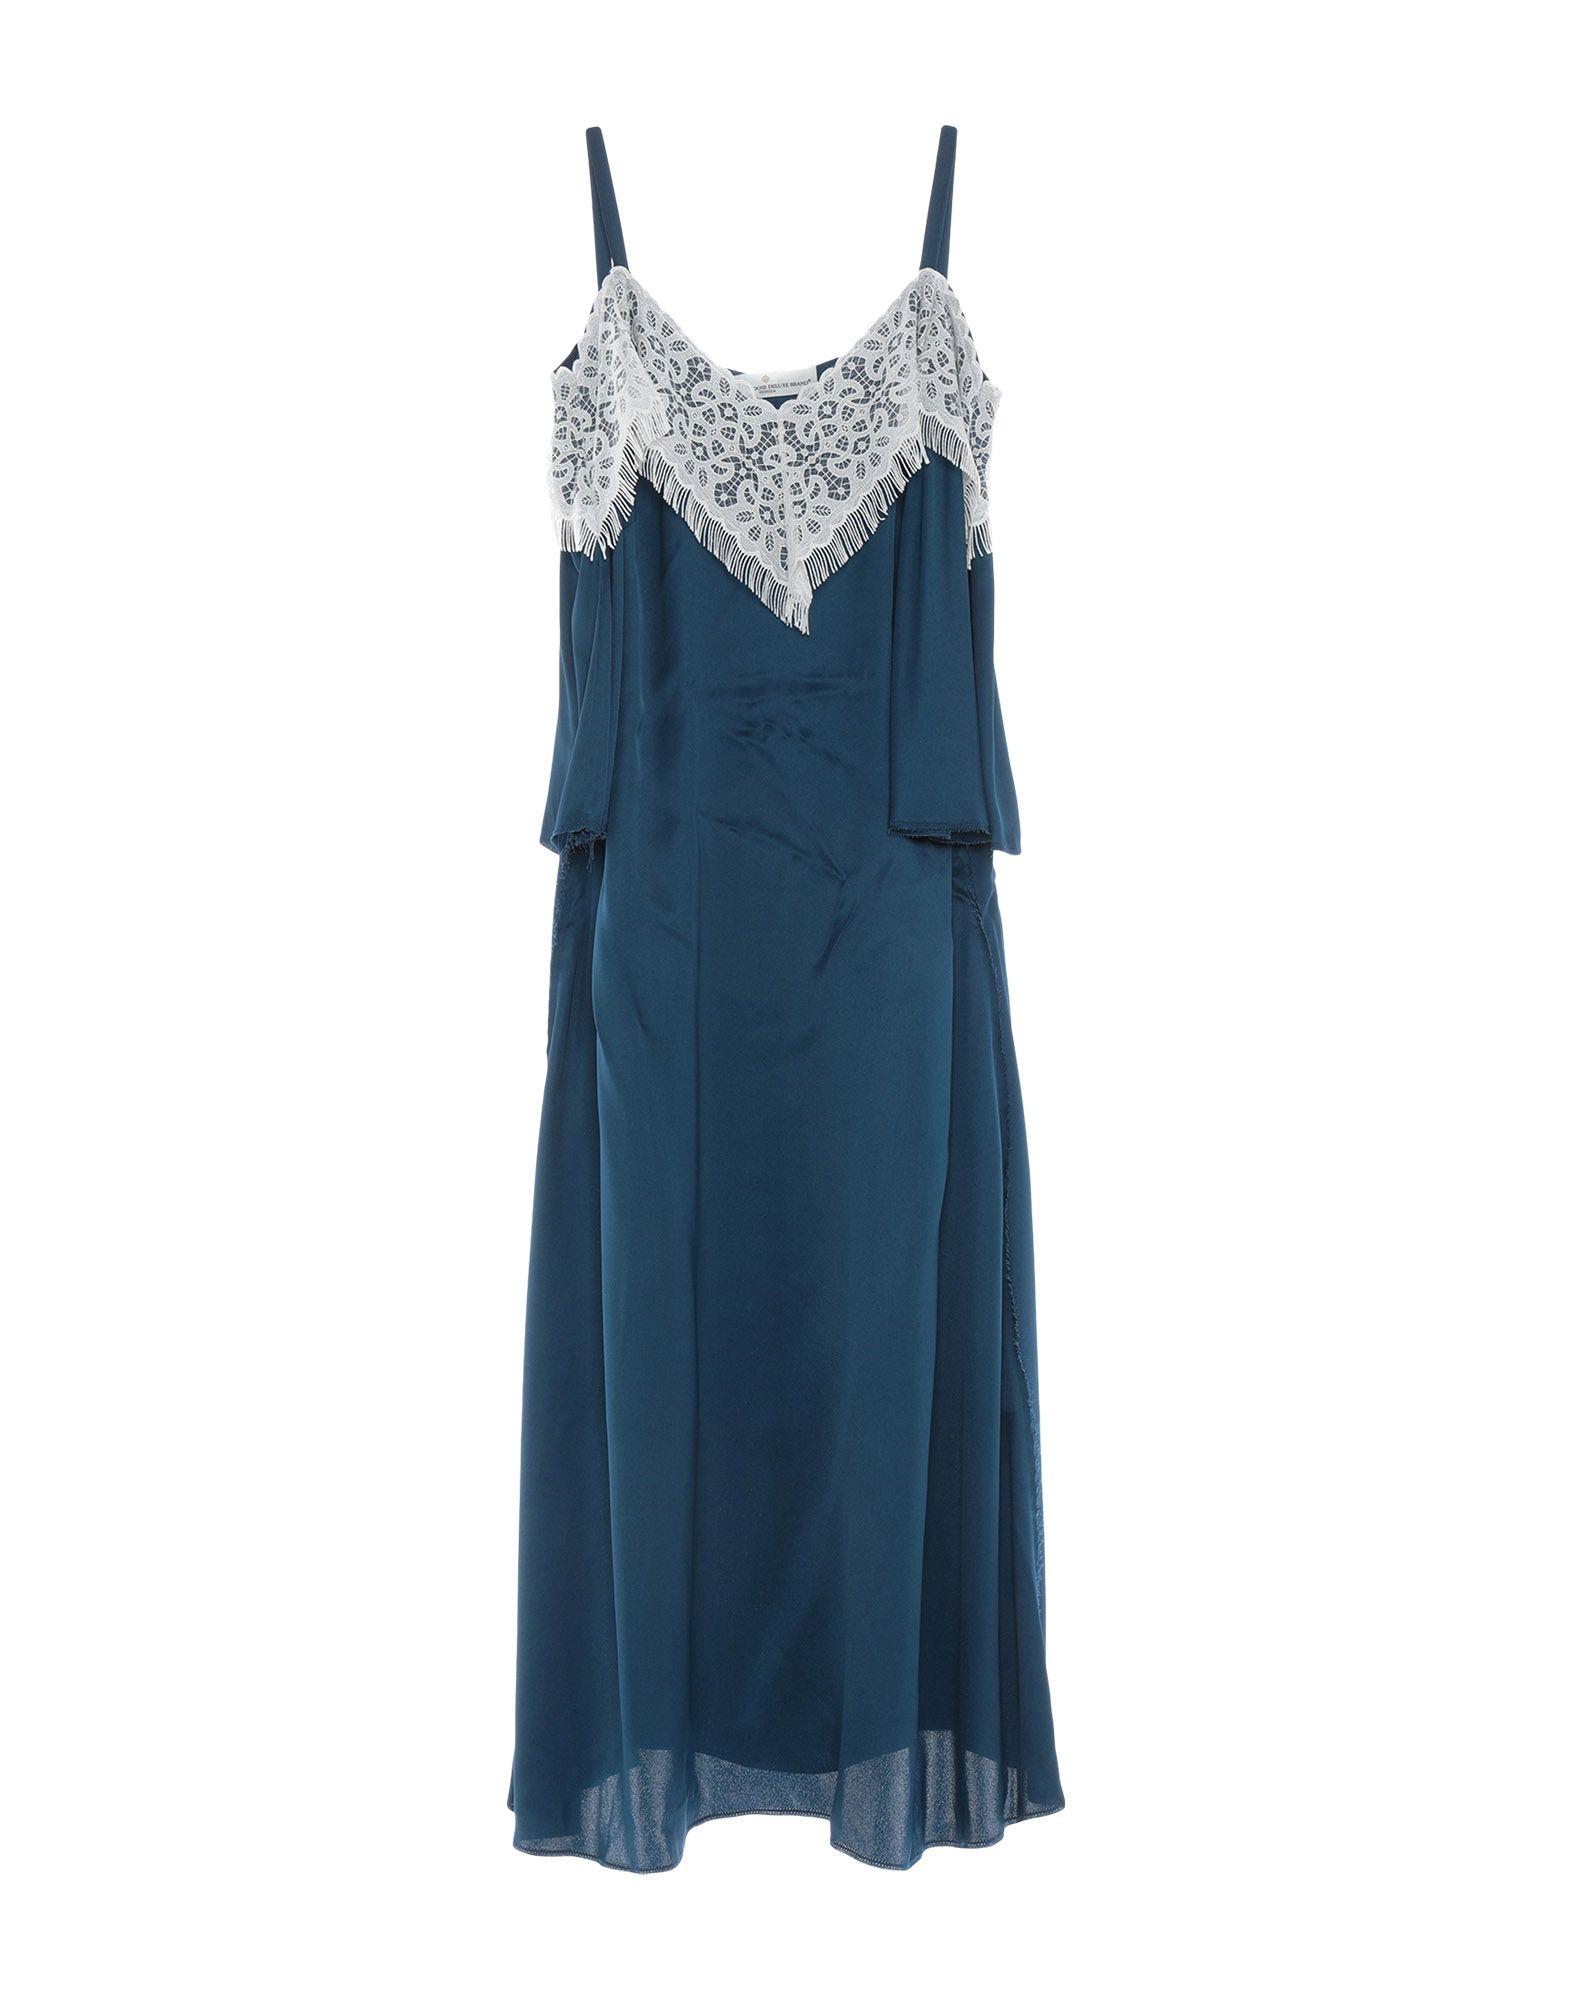 GOLDEN GOOSE DELUXE BRAND Платье длиной 3/4